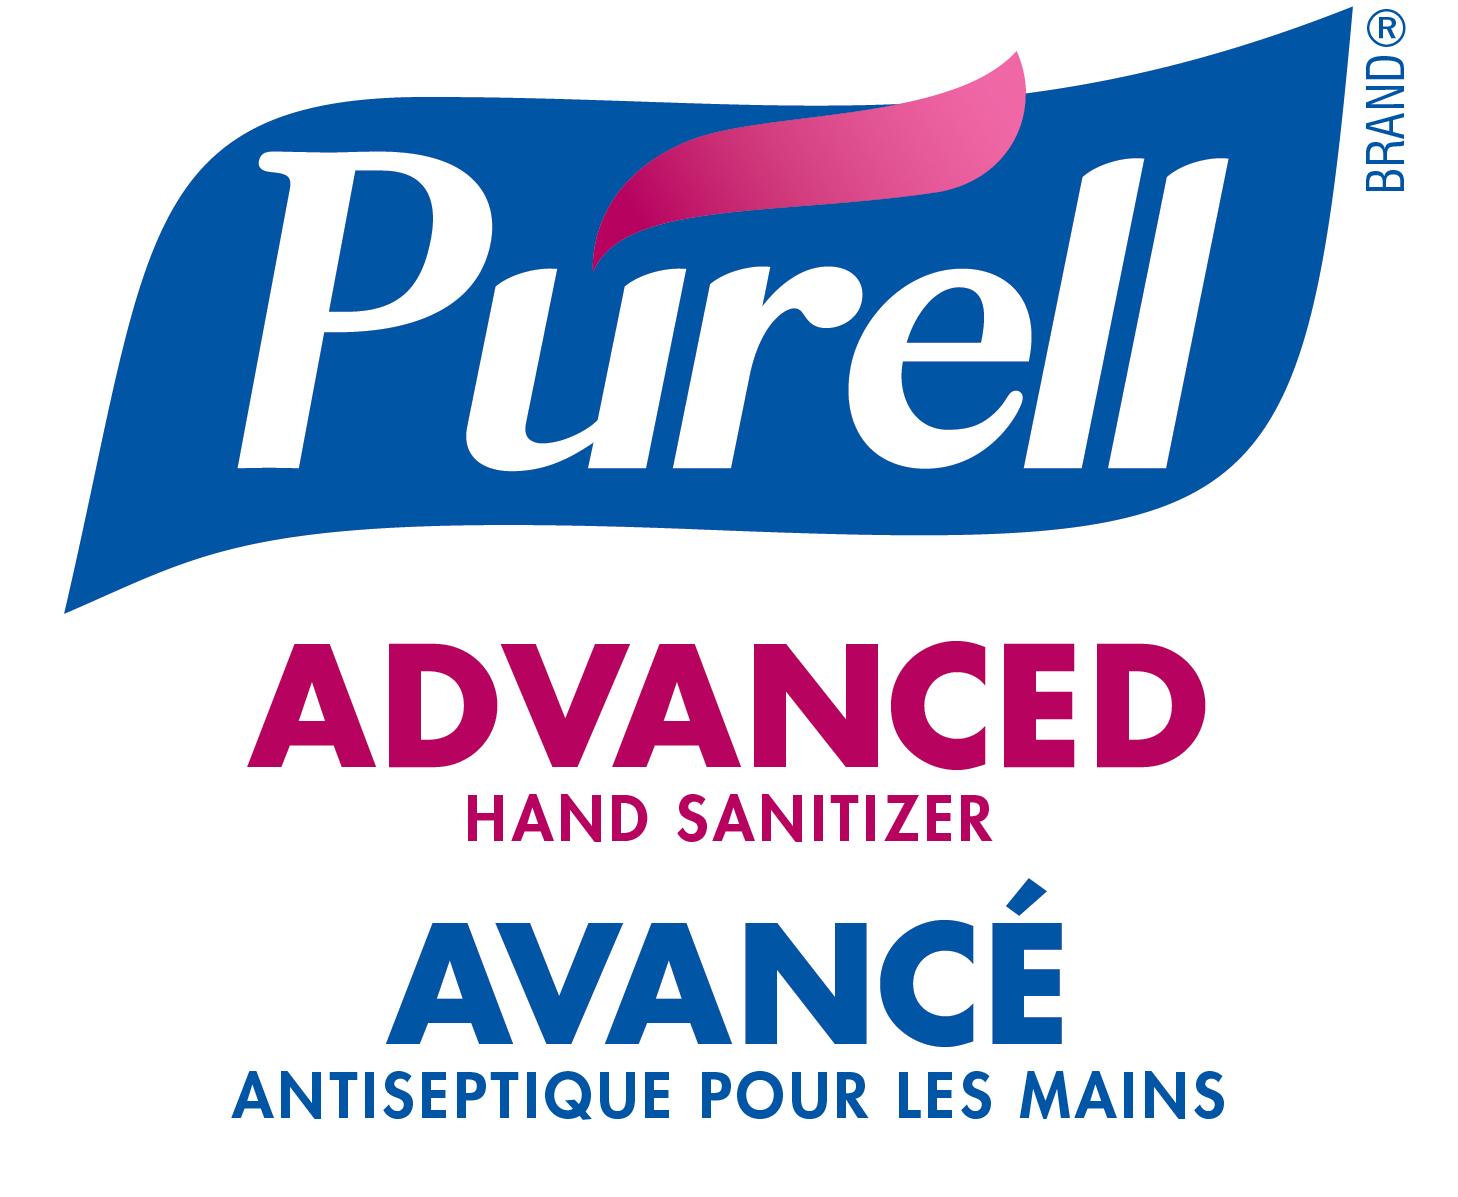 purell-adv-logo-french-canada-cmyk